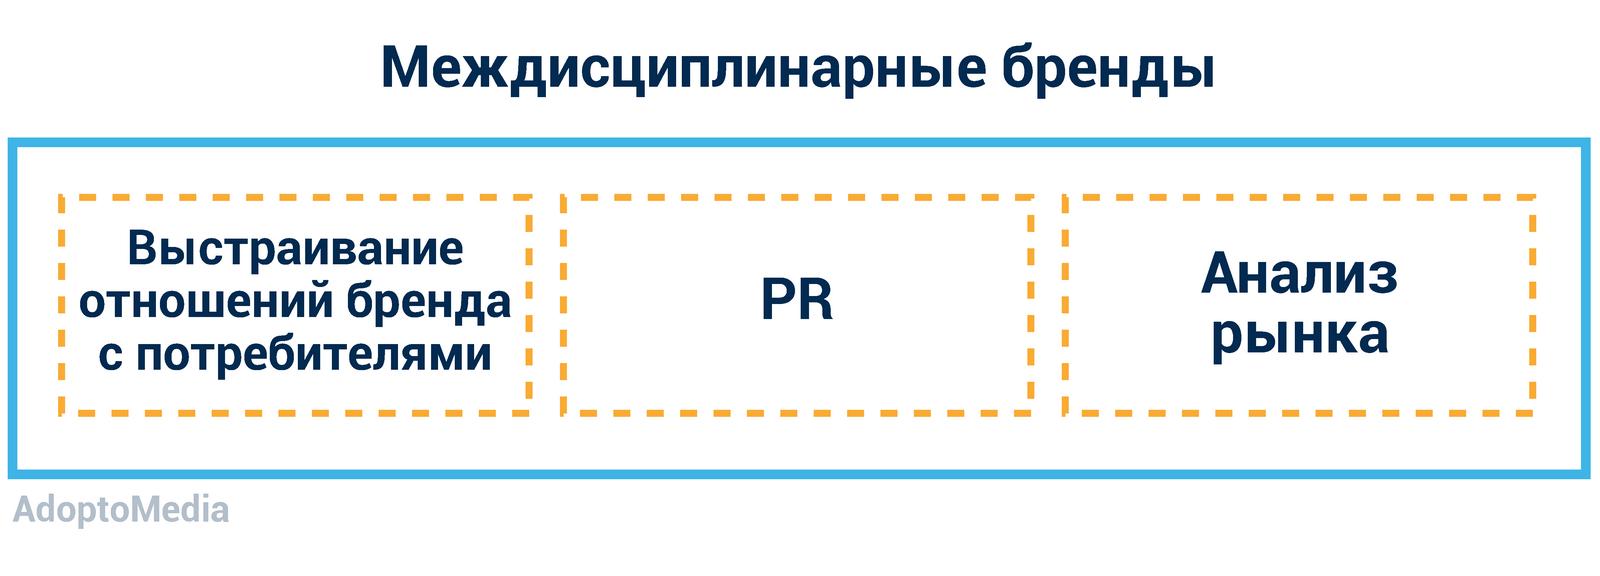 маркетинговое агентство, эффективное маркетинговое агентство, интеграция маркетинговых агентств, проблемы маркетингового агентства, междисциплинарная модель